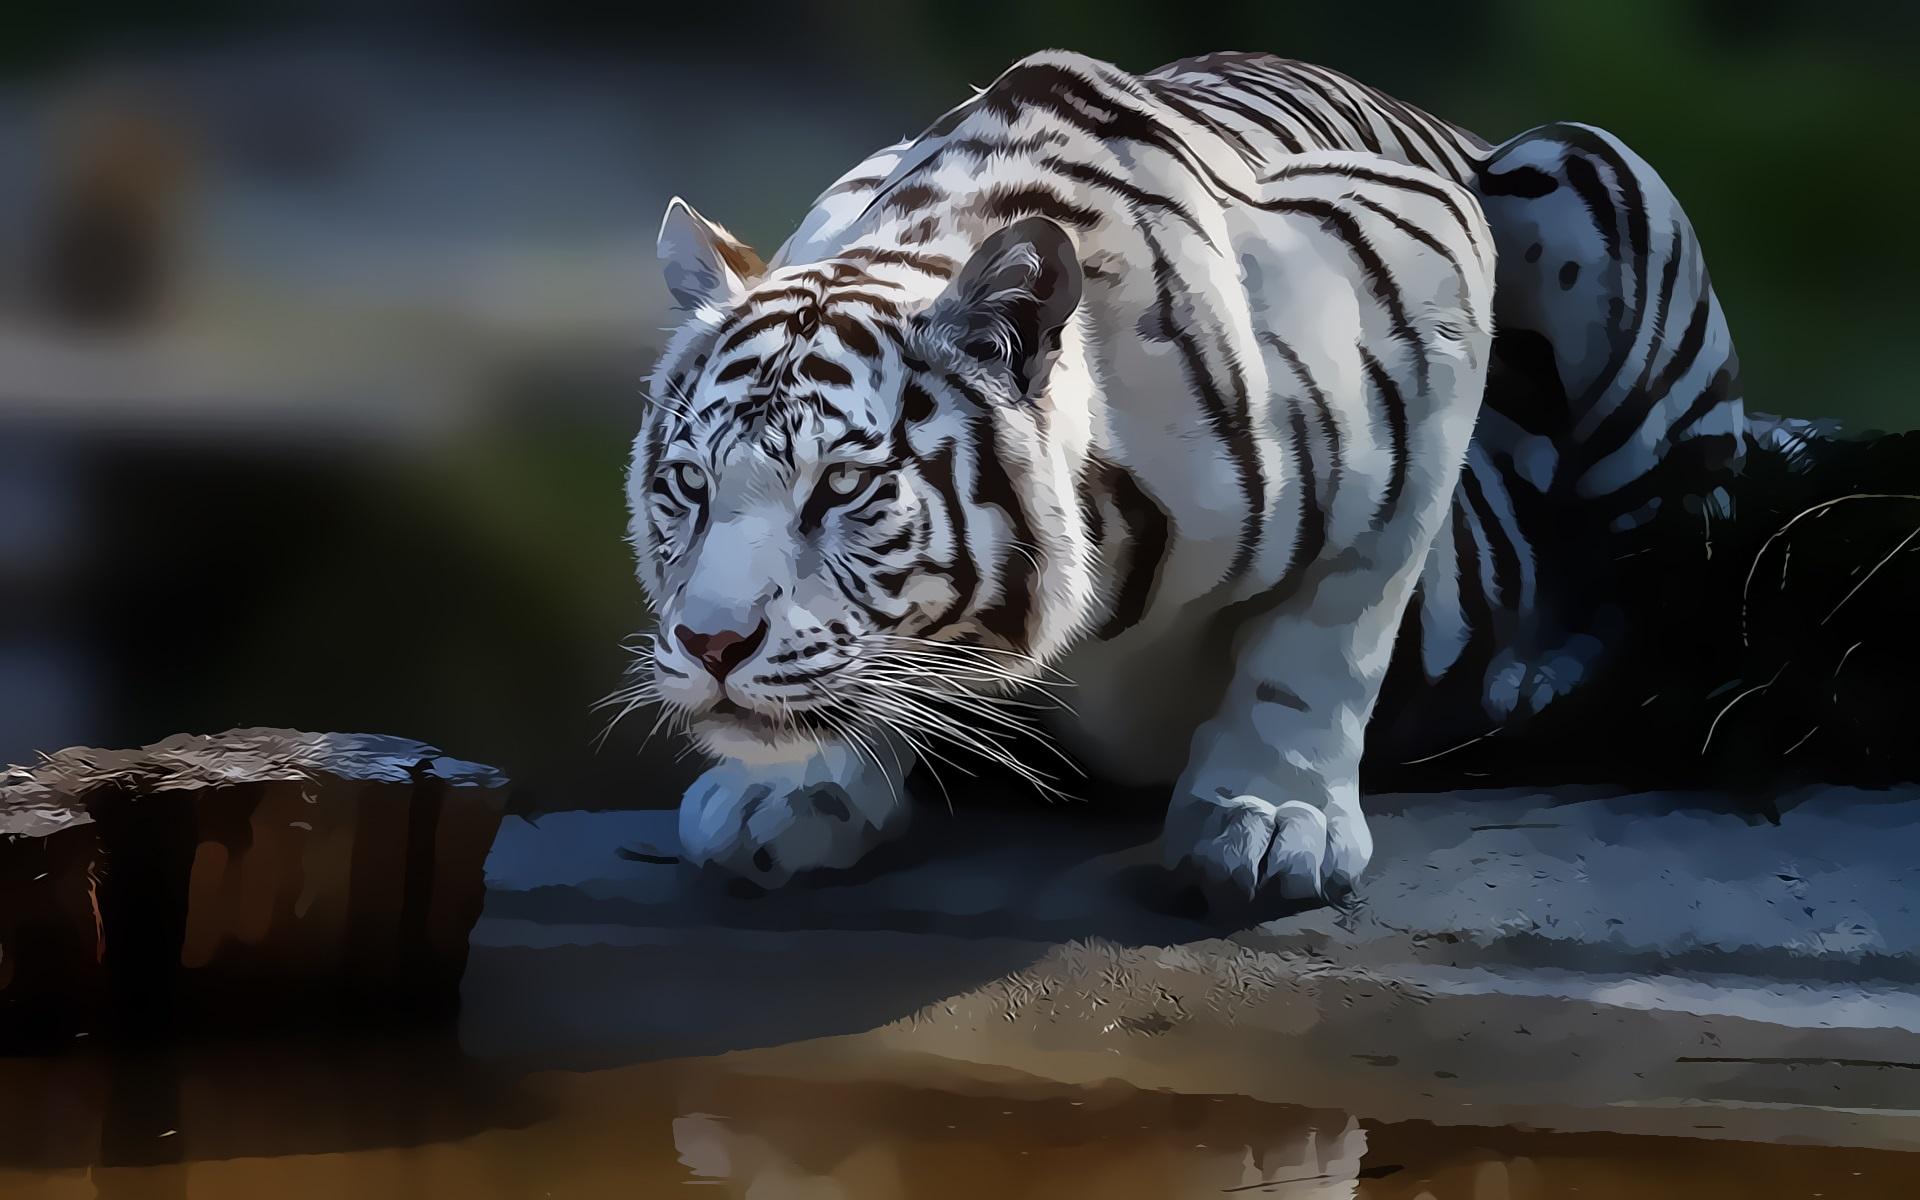 Fonds d'écran Tigre blanc, peinture d'art 1920x1200 HD image